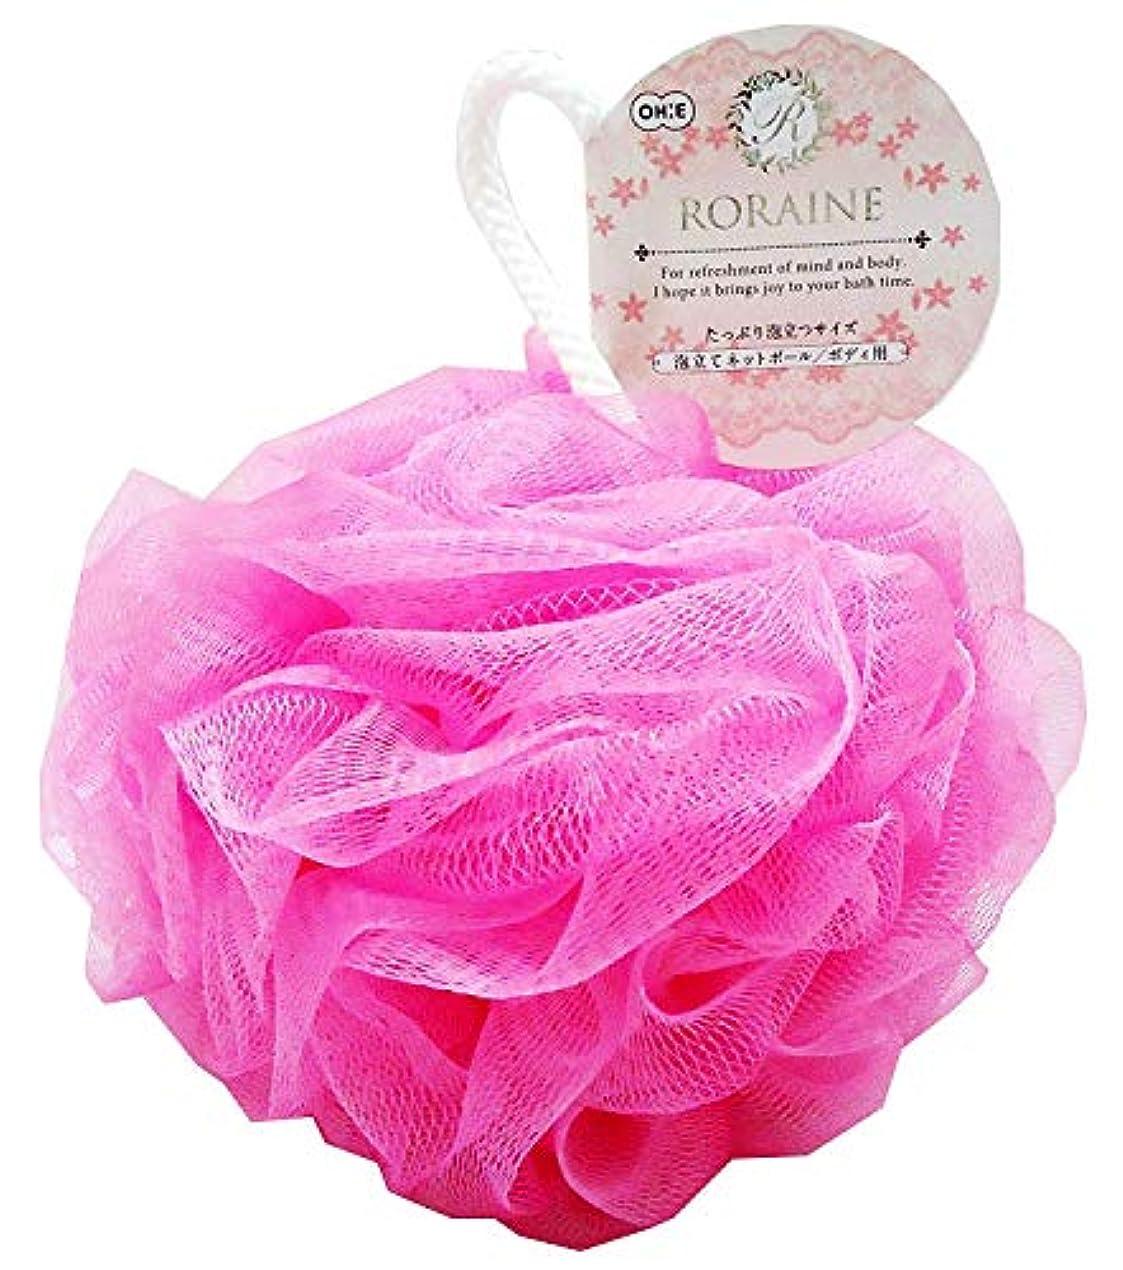 補正線形平等オーエ ボディスポンジ ロレーヌ 泡立てネットボールボディ用 ピンク 約22×12.5×12.5cm 1個